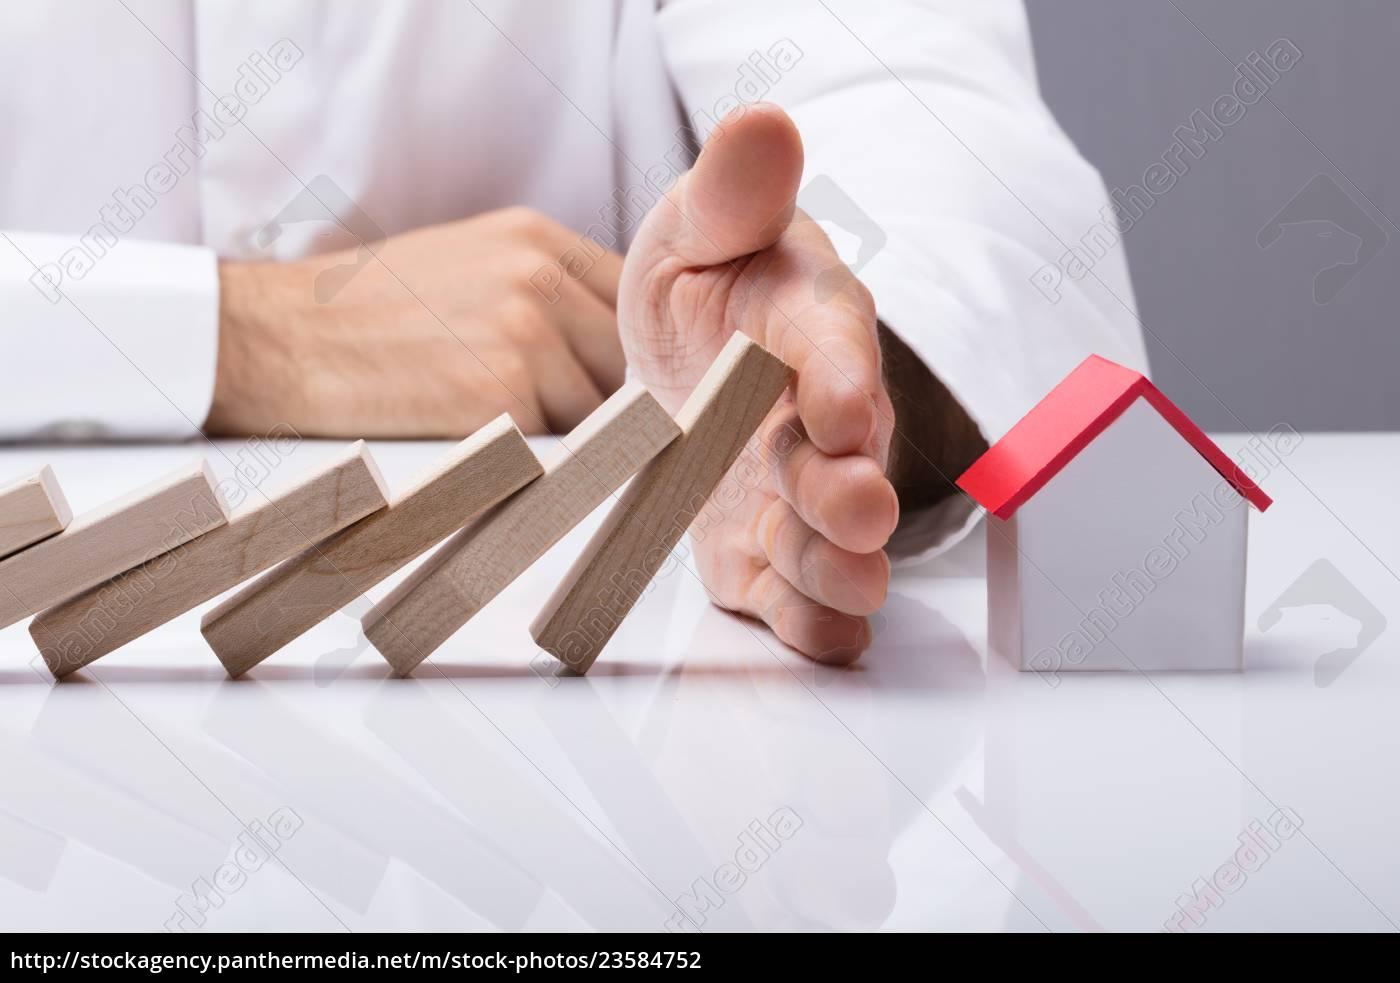 menneskelige, hånd, standsning, af, træblokke, fra - 23584752